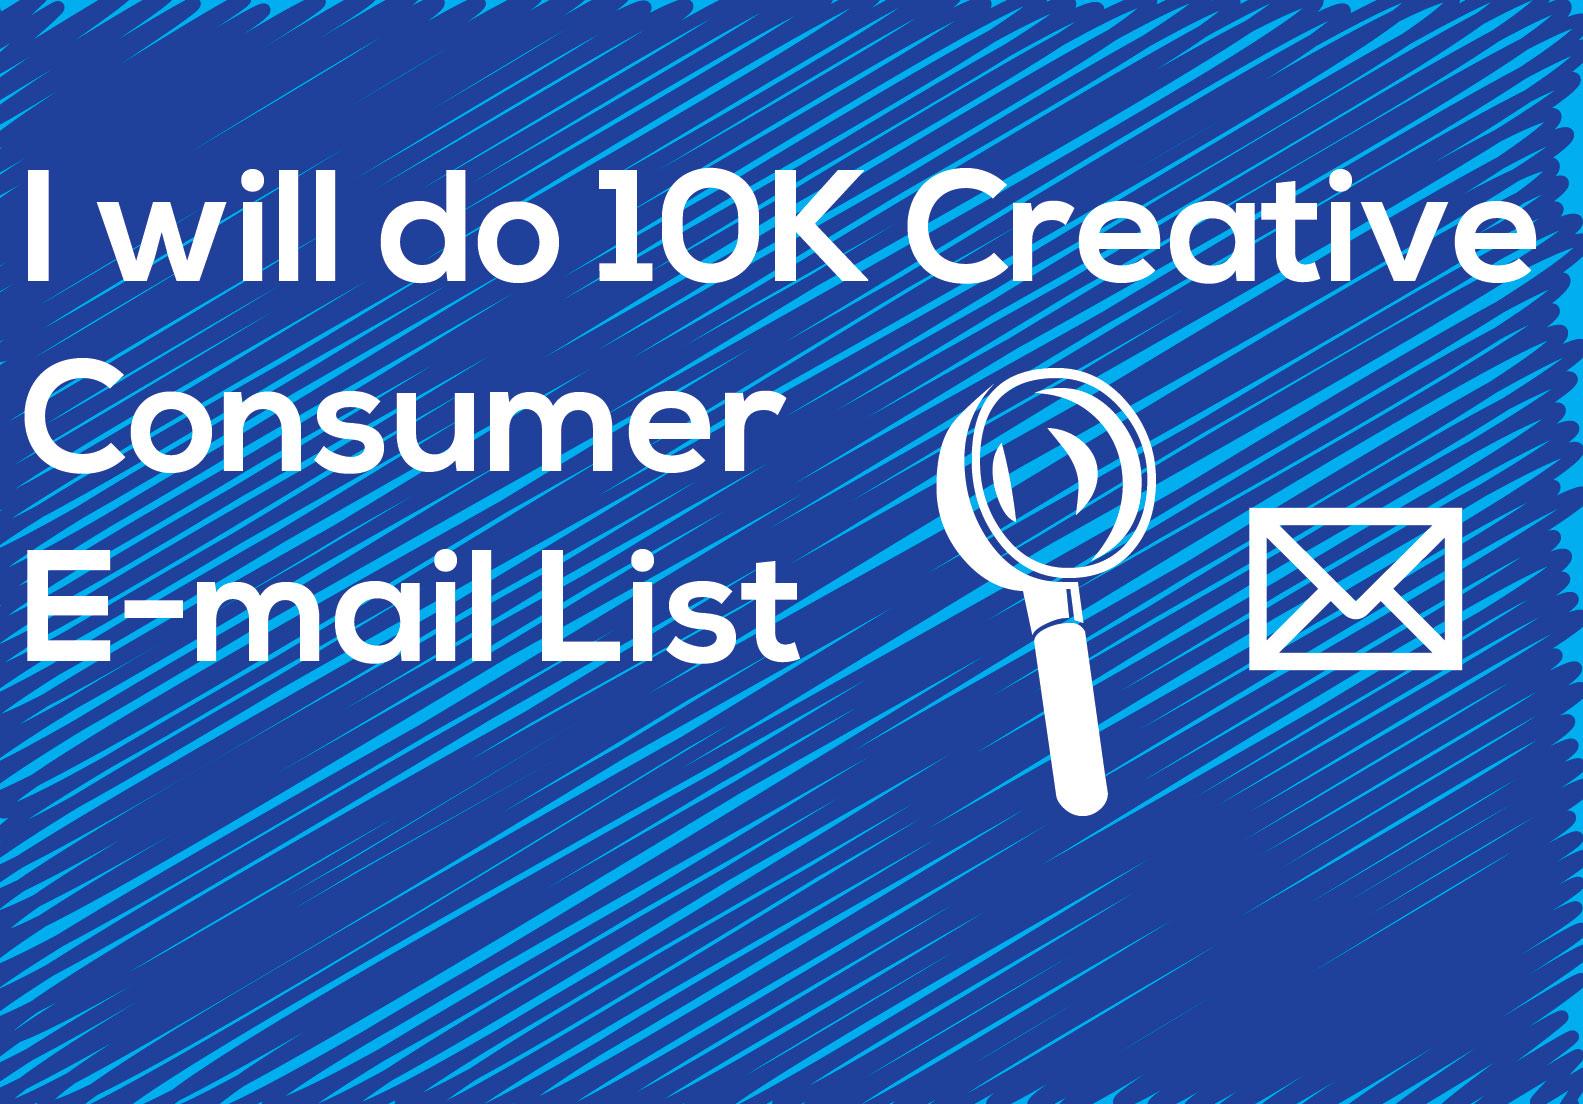 I will do 10K consumer E-mail list